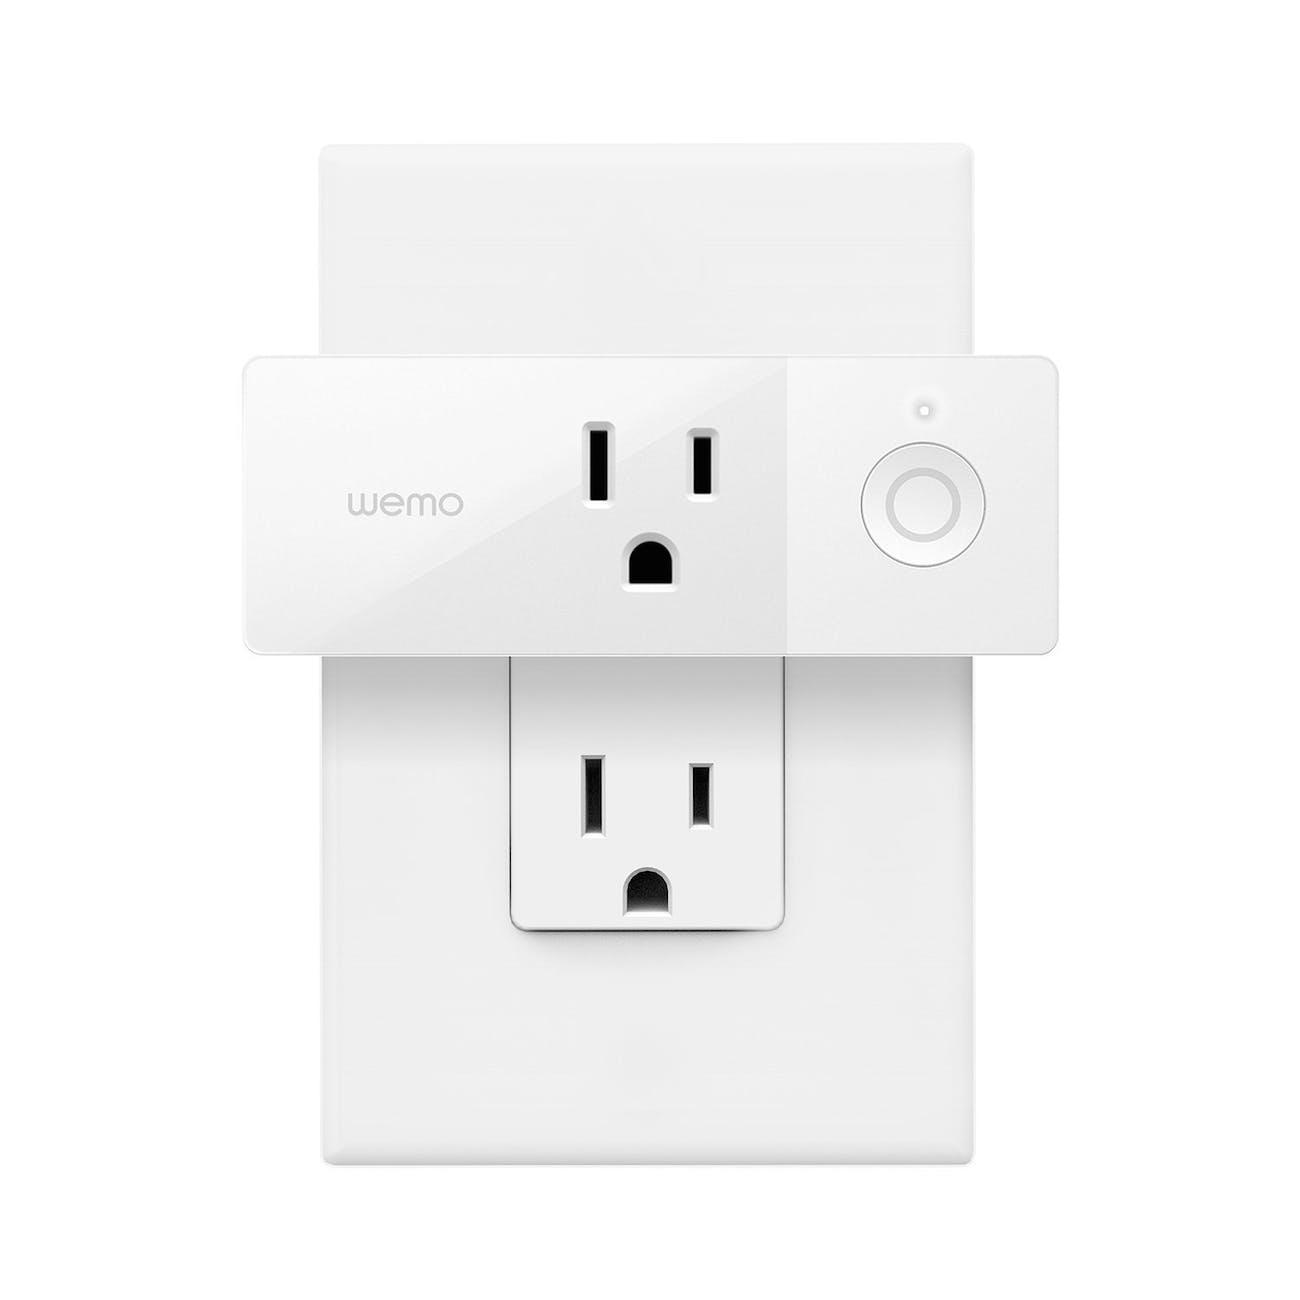 Wemo Smart Plug Mini WiFi Plug